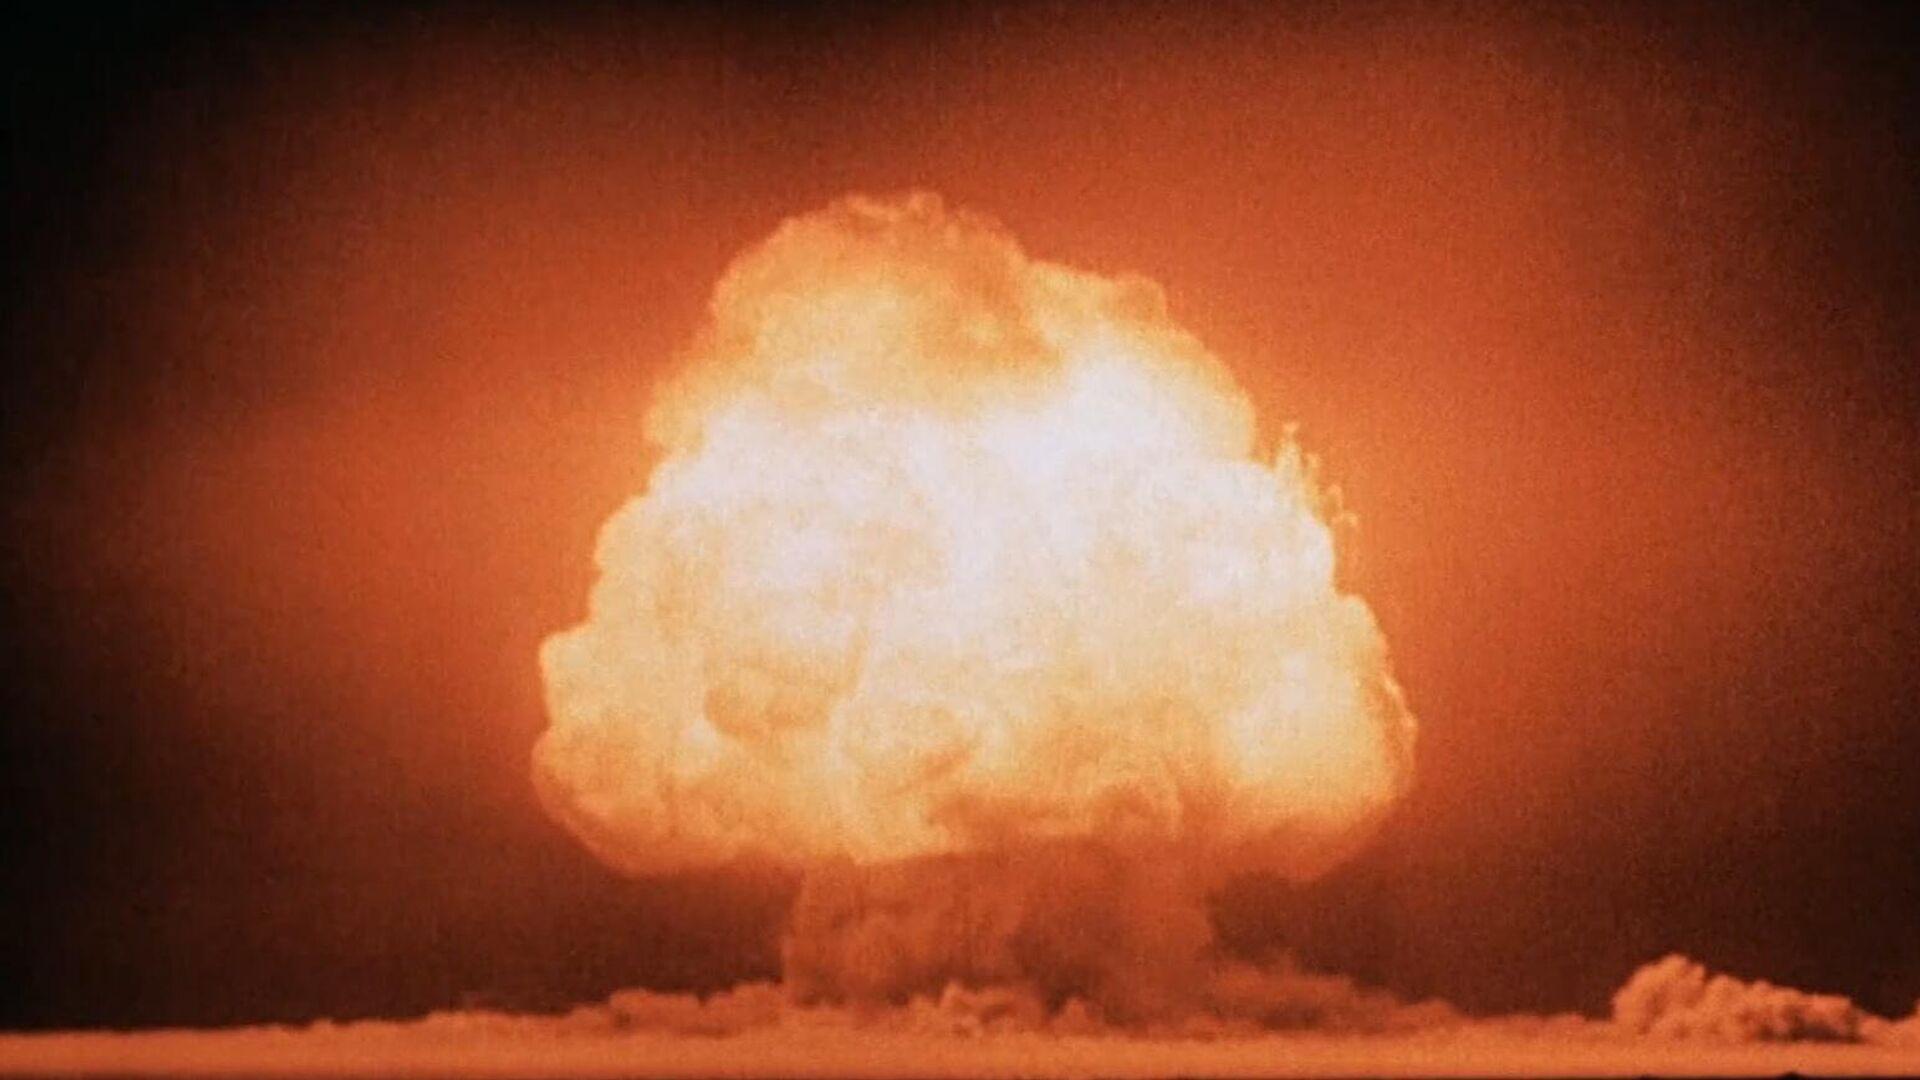 Грибовидное облако через несколько секунд после детонации первой атомной бомбы на полигоне Аламогордо. 16 июля 1945 - РИА Новости, 1920, 26.09.2021